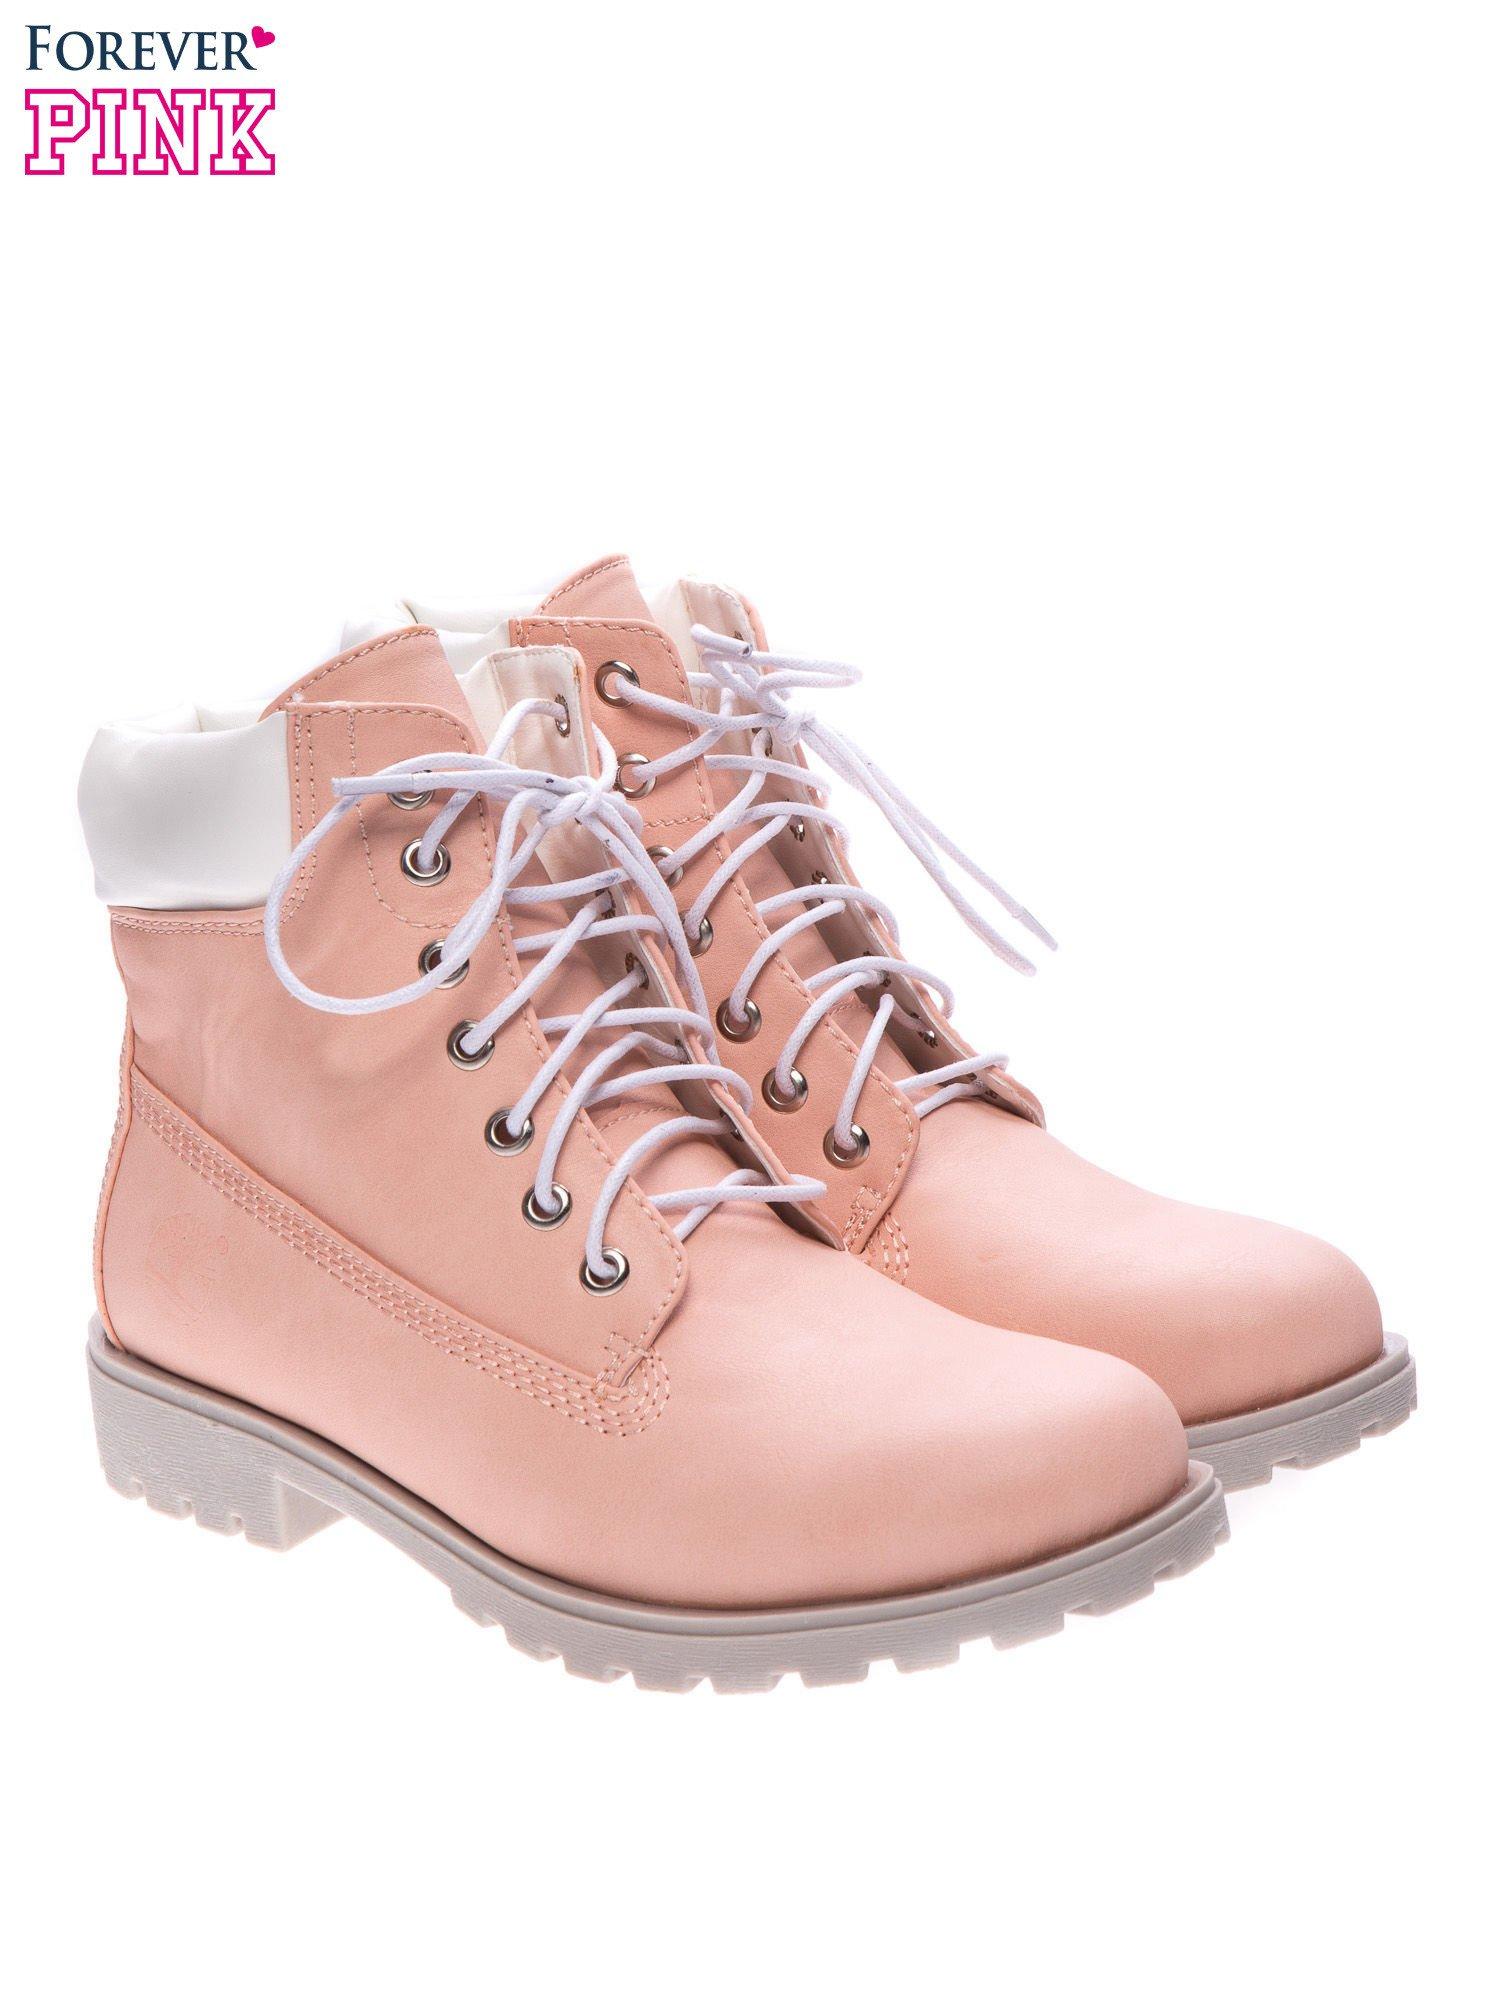 Różowe buty trekkingowe damskie typu timberki                                  zdj.                                  2